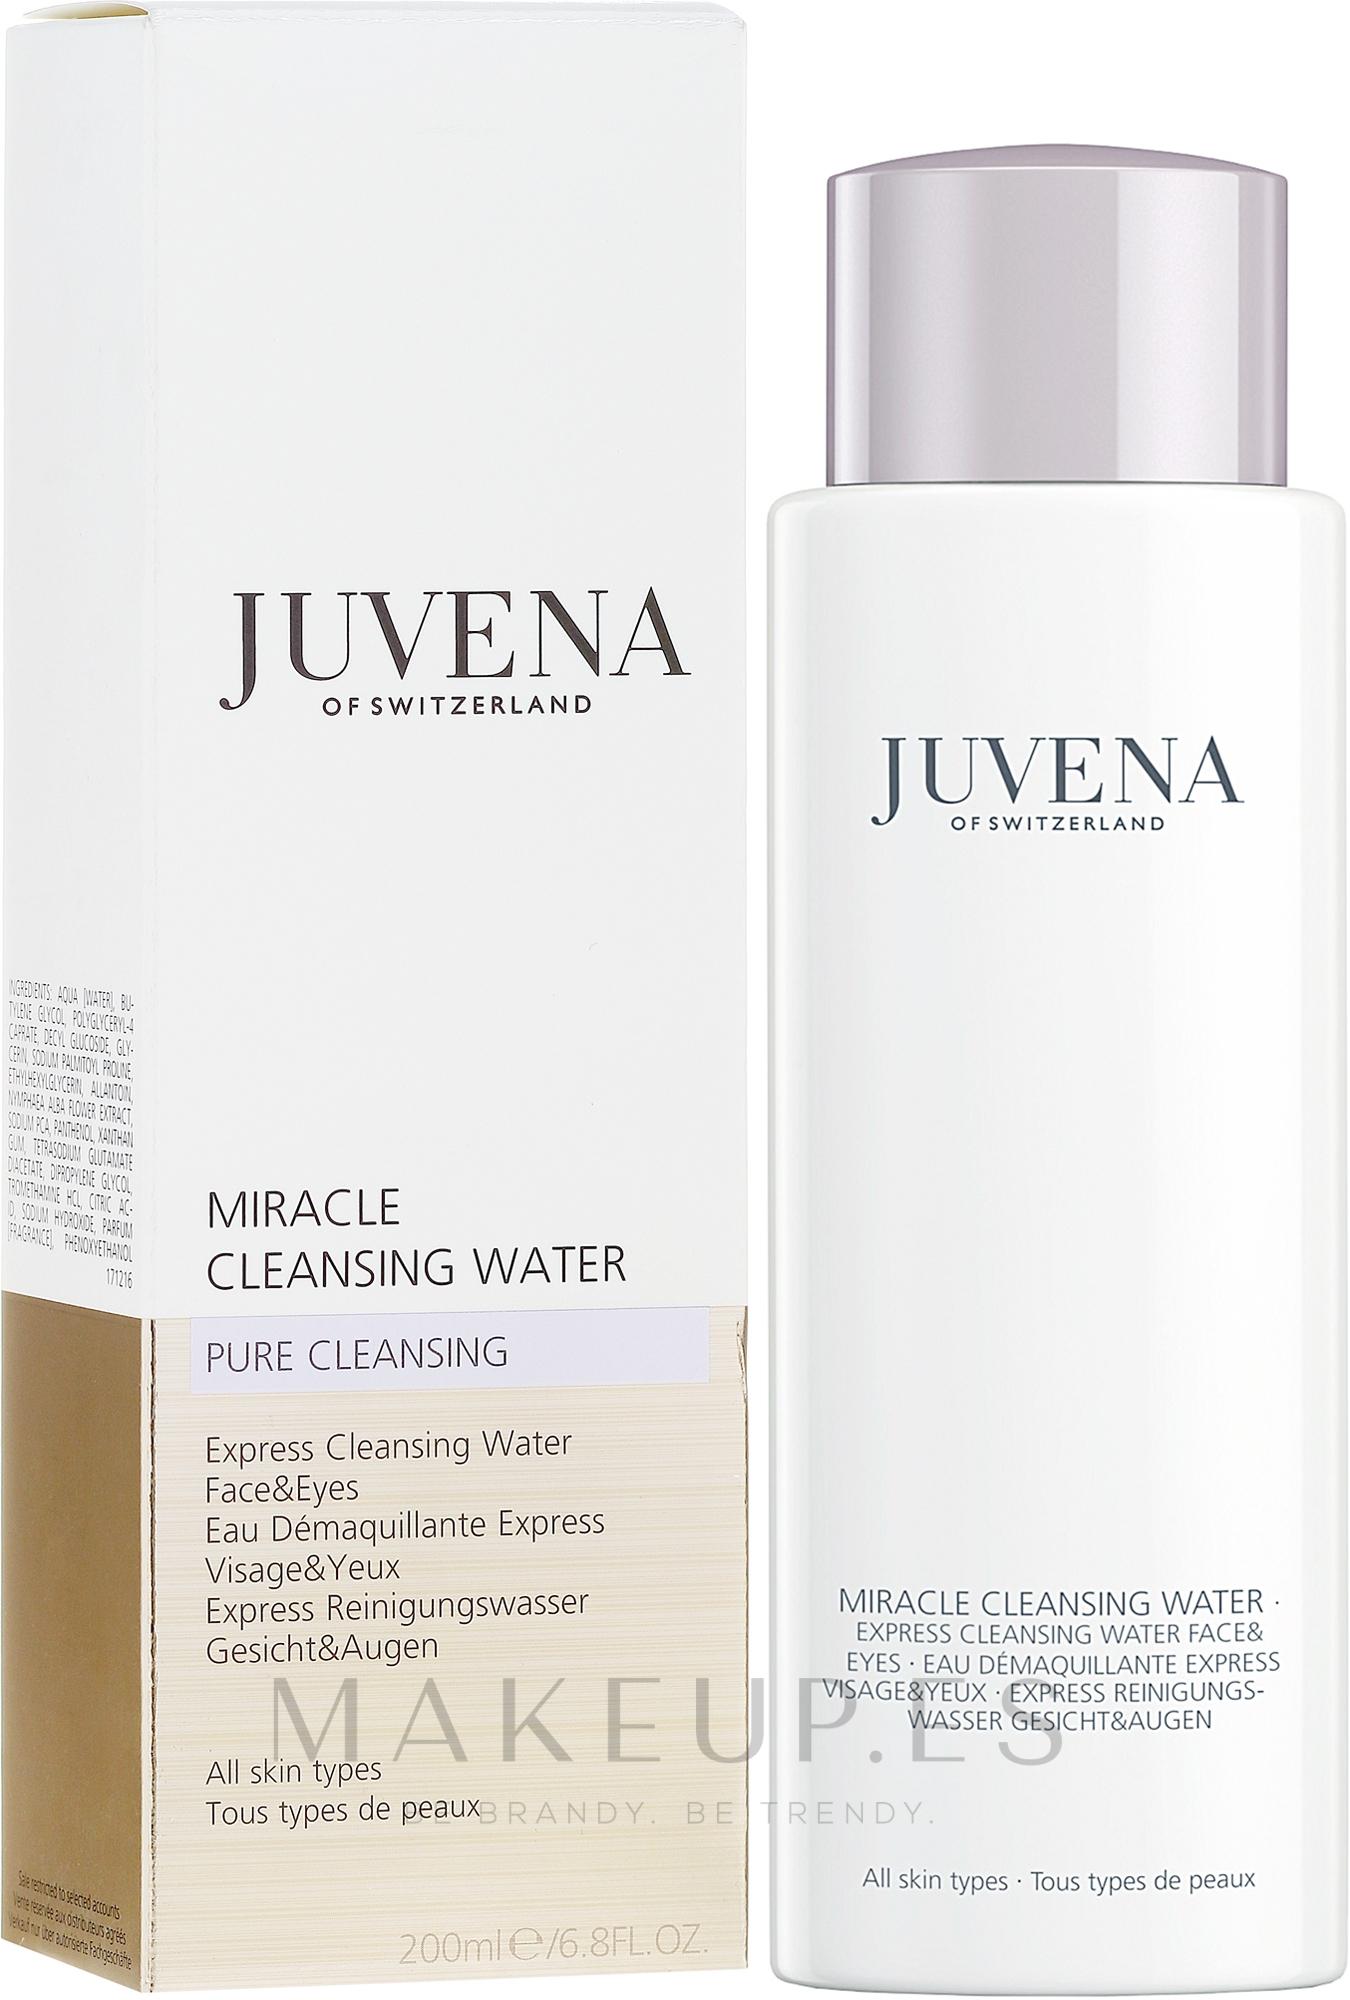 Agua micelar para rostro y ojos con extracto de nenúfar blanco y pantenol - Juvena Pure Cleansing Miracle Cleansing Water — imagen 200 ml